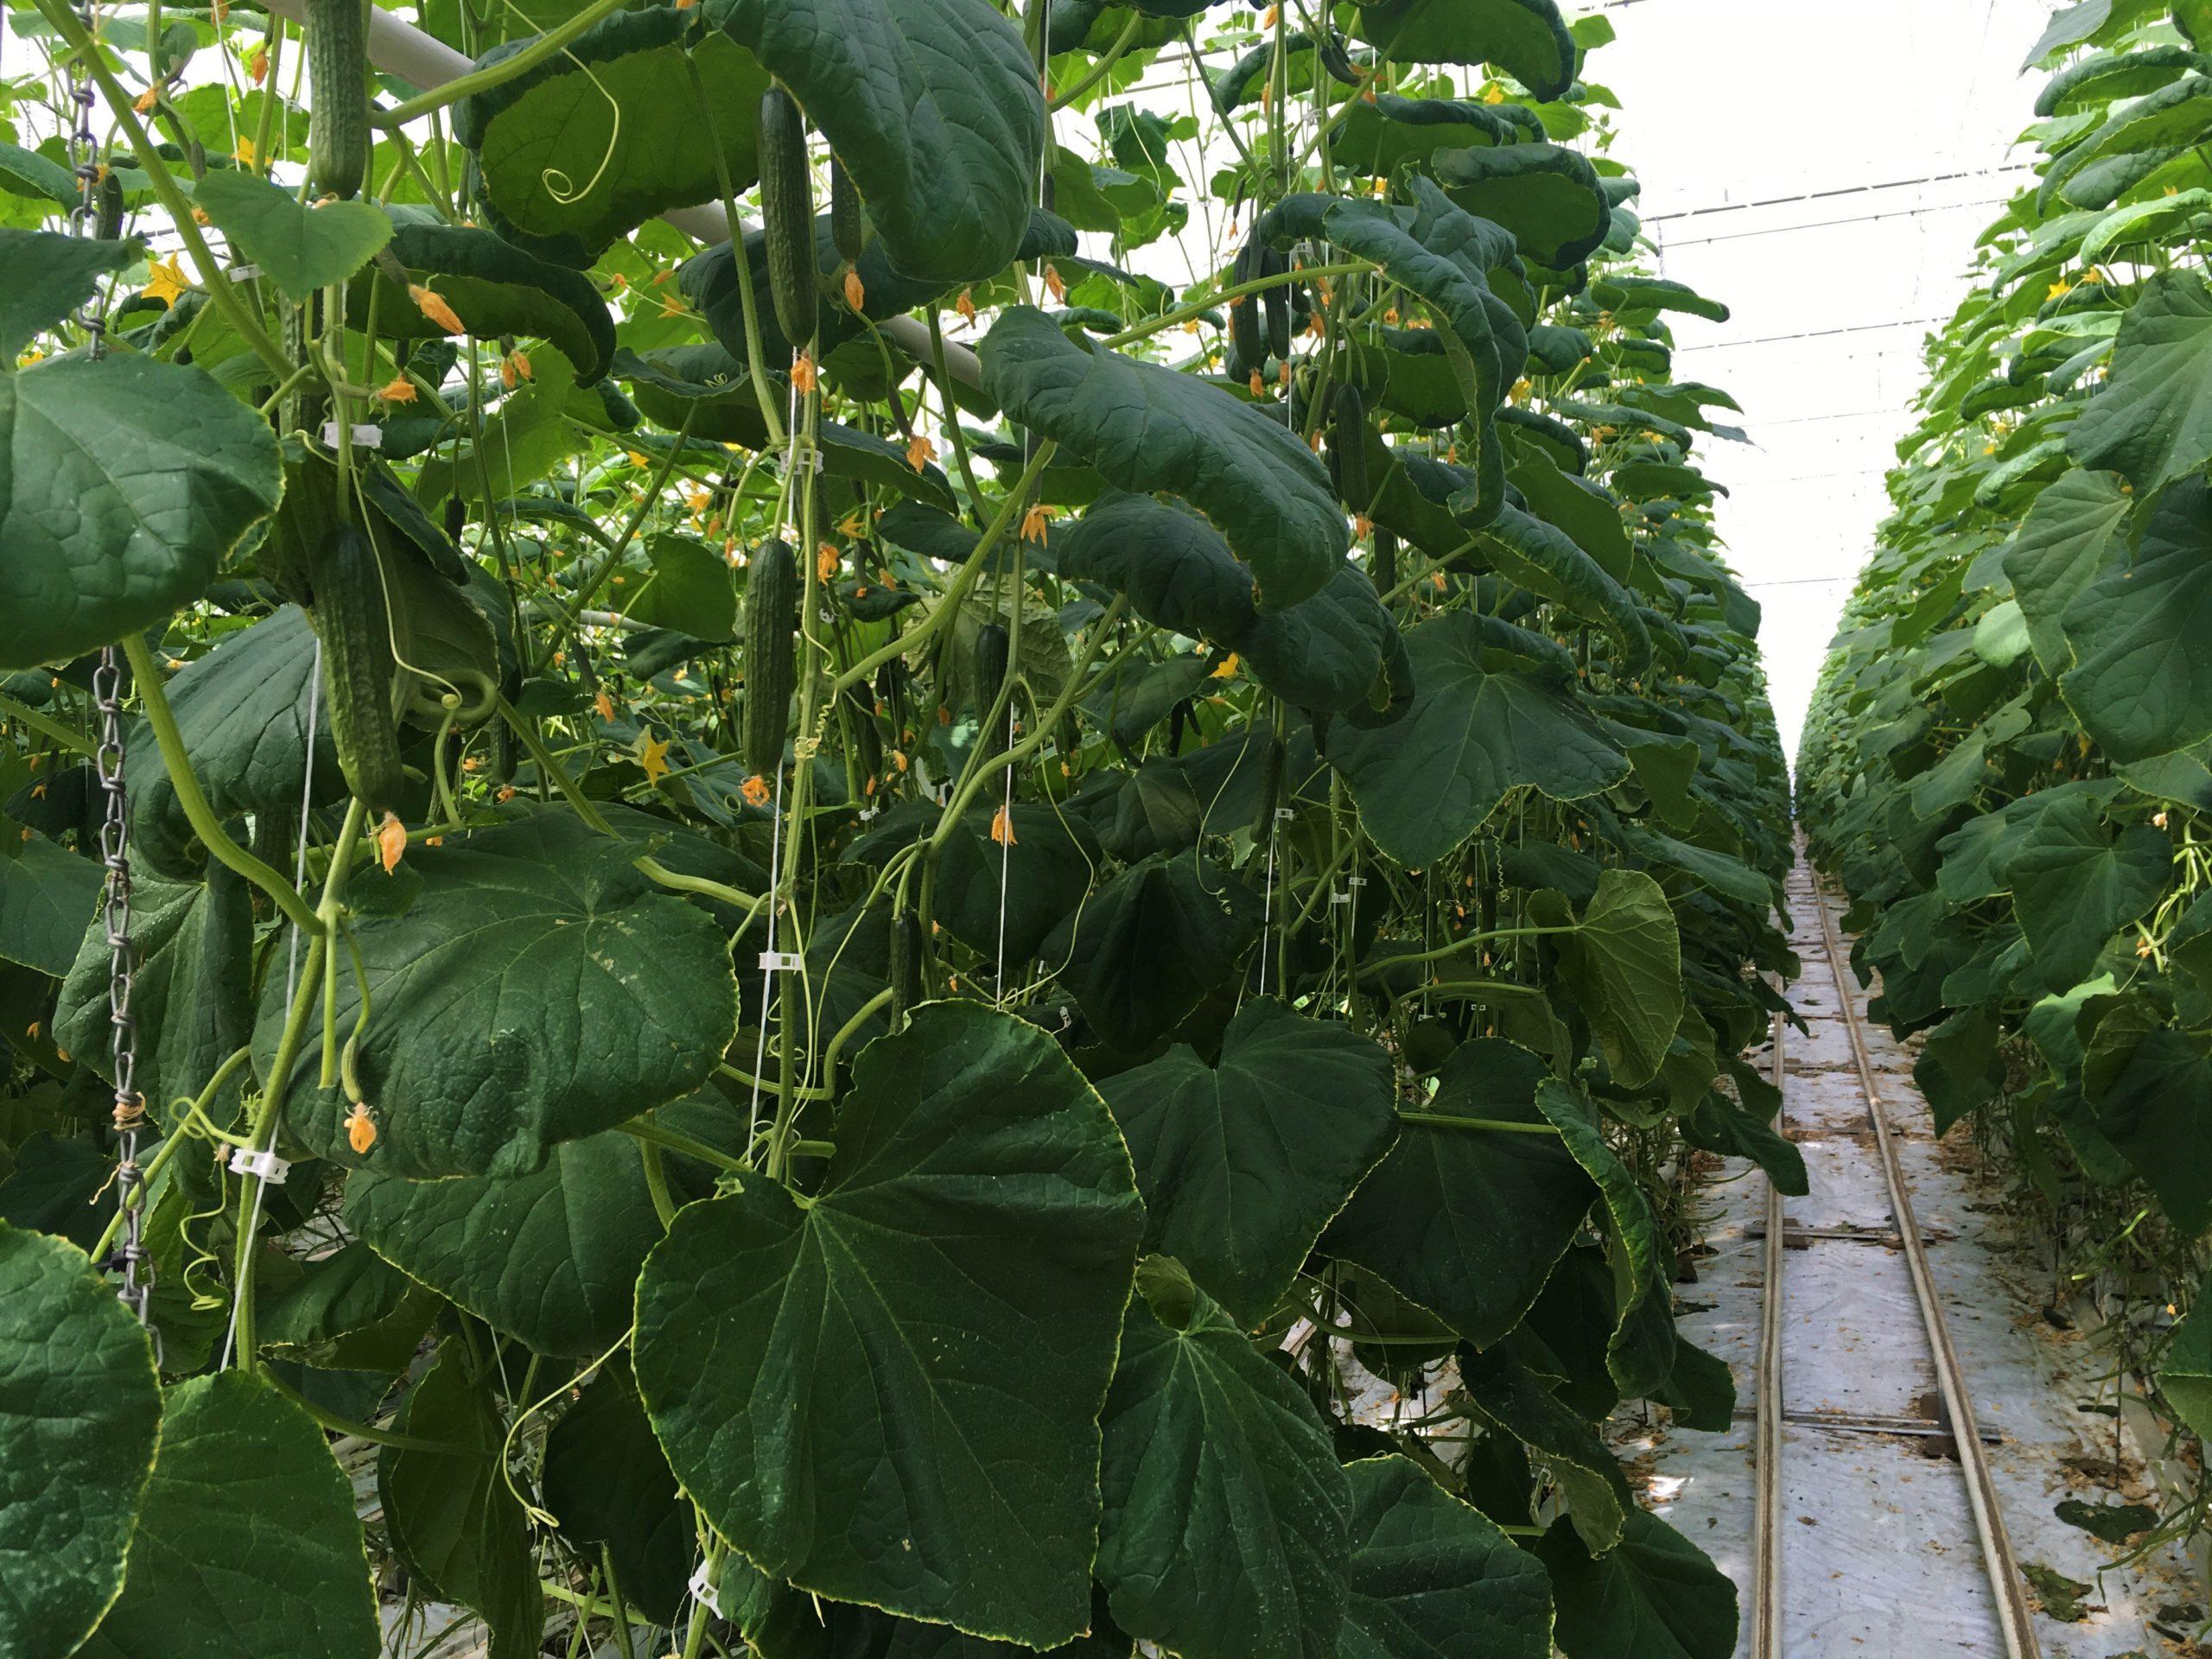 Cucumber plants growing indoors